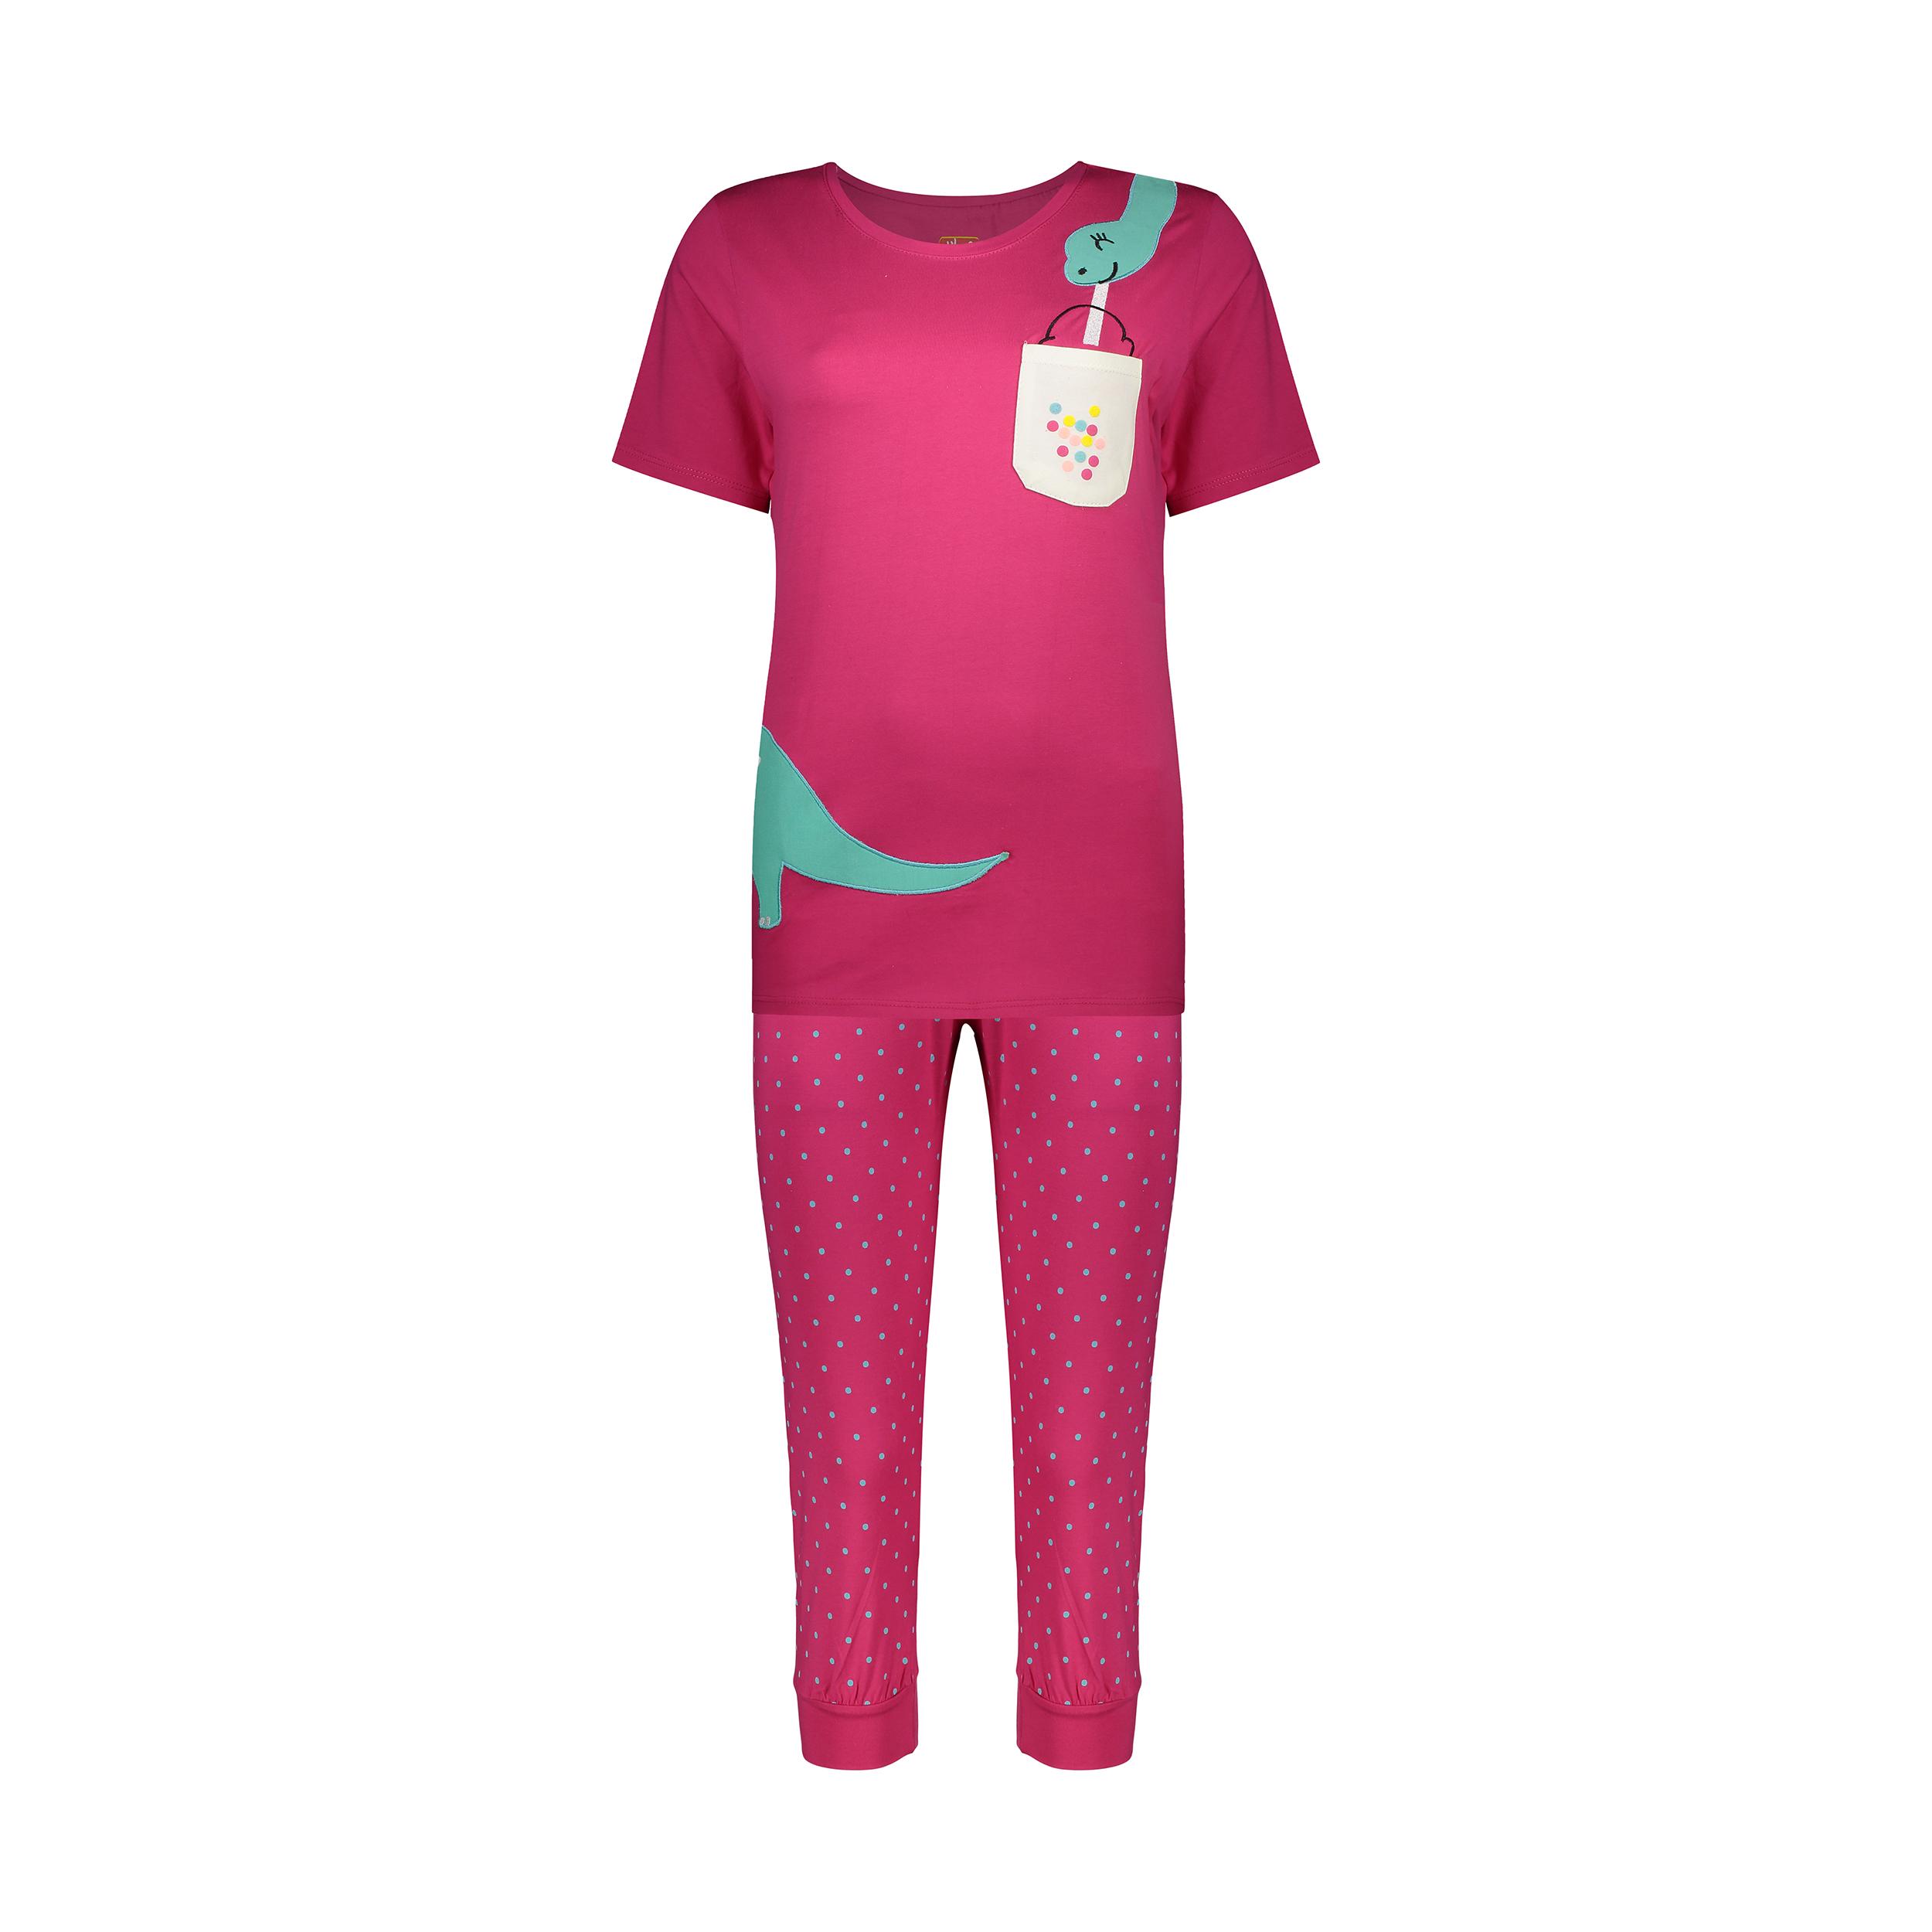 ست تی شرت و شلوارک راحتی زنانه مادر مدل 2041100-66 -  - 2